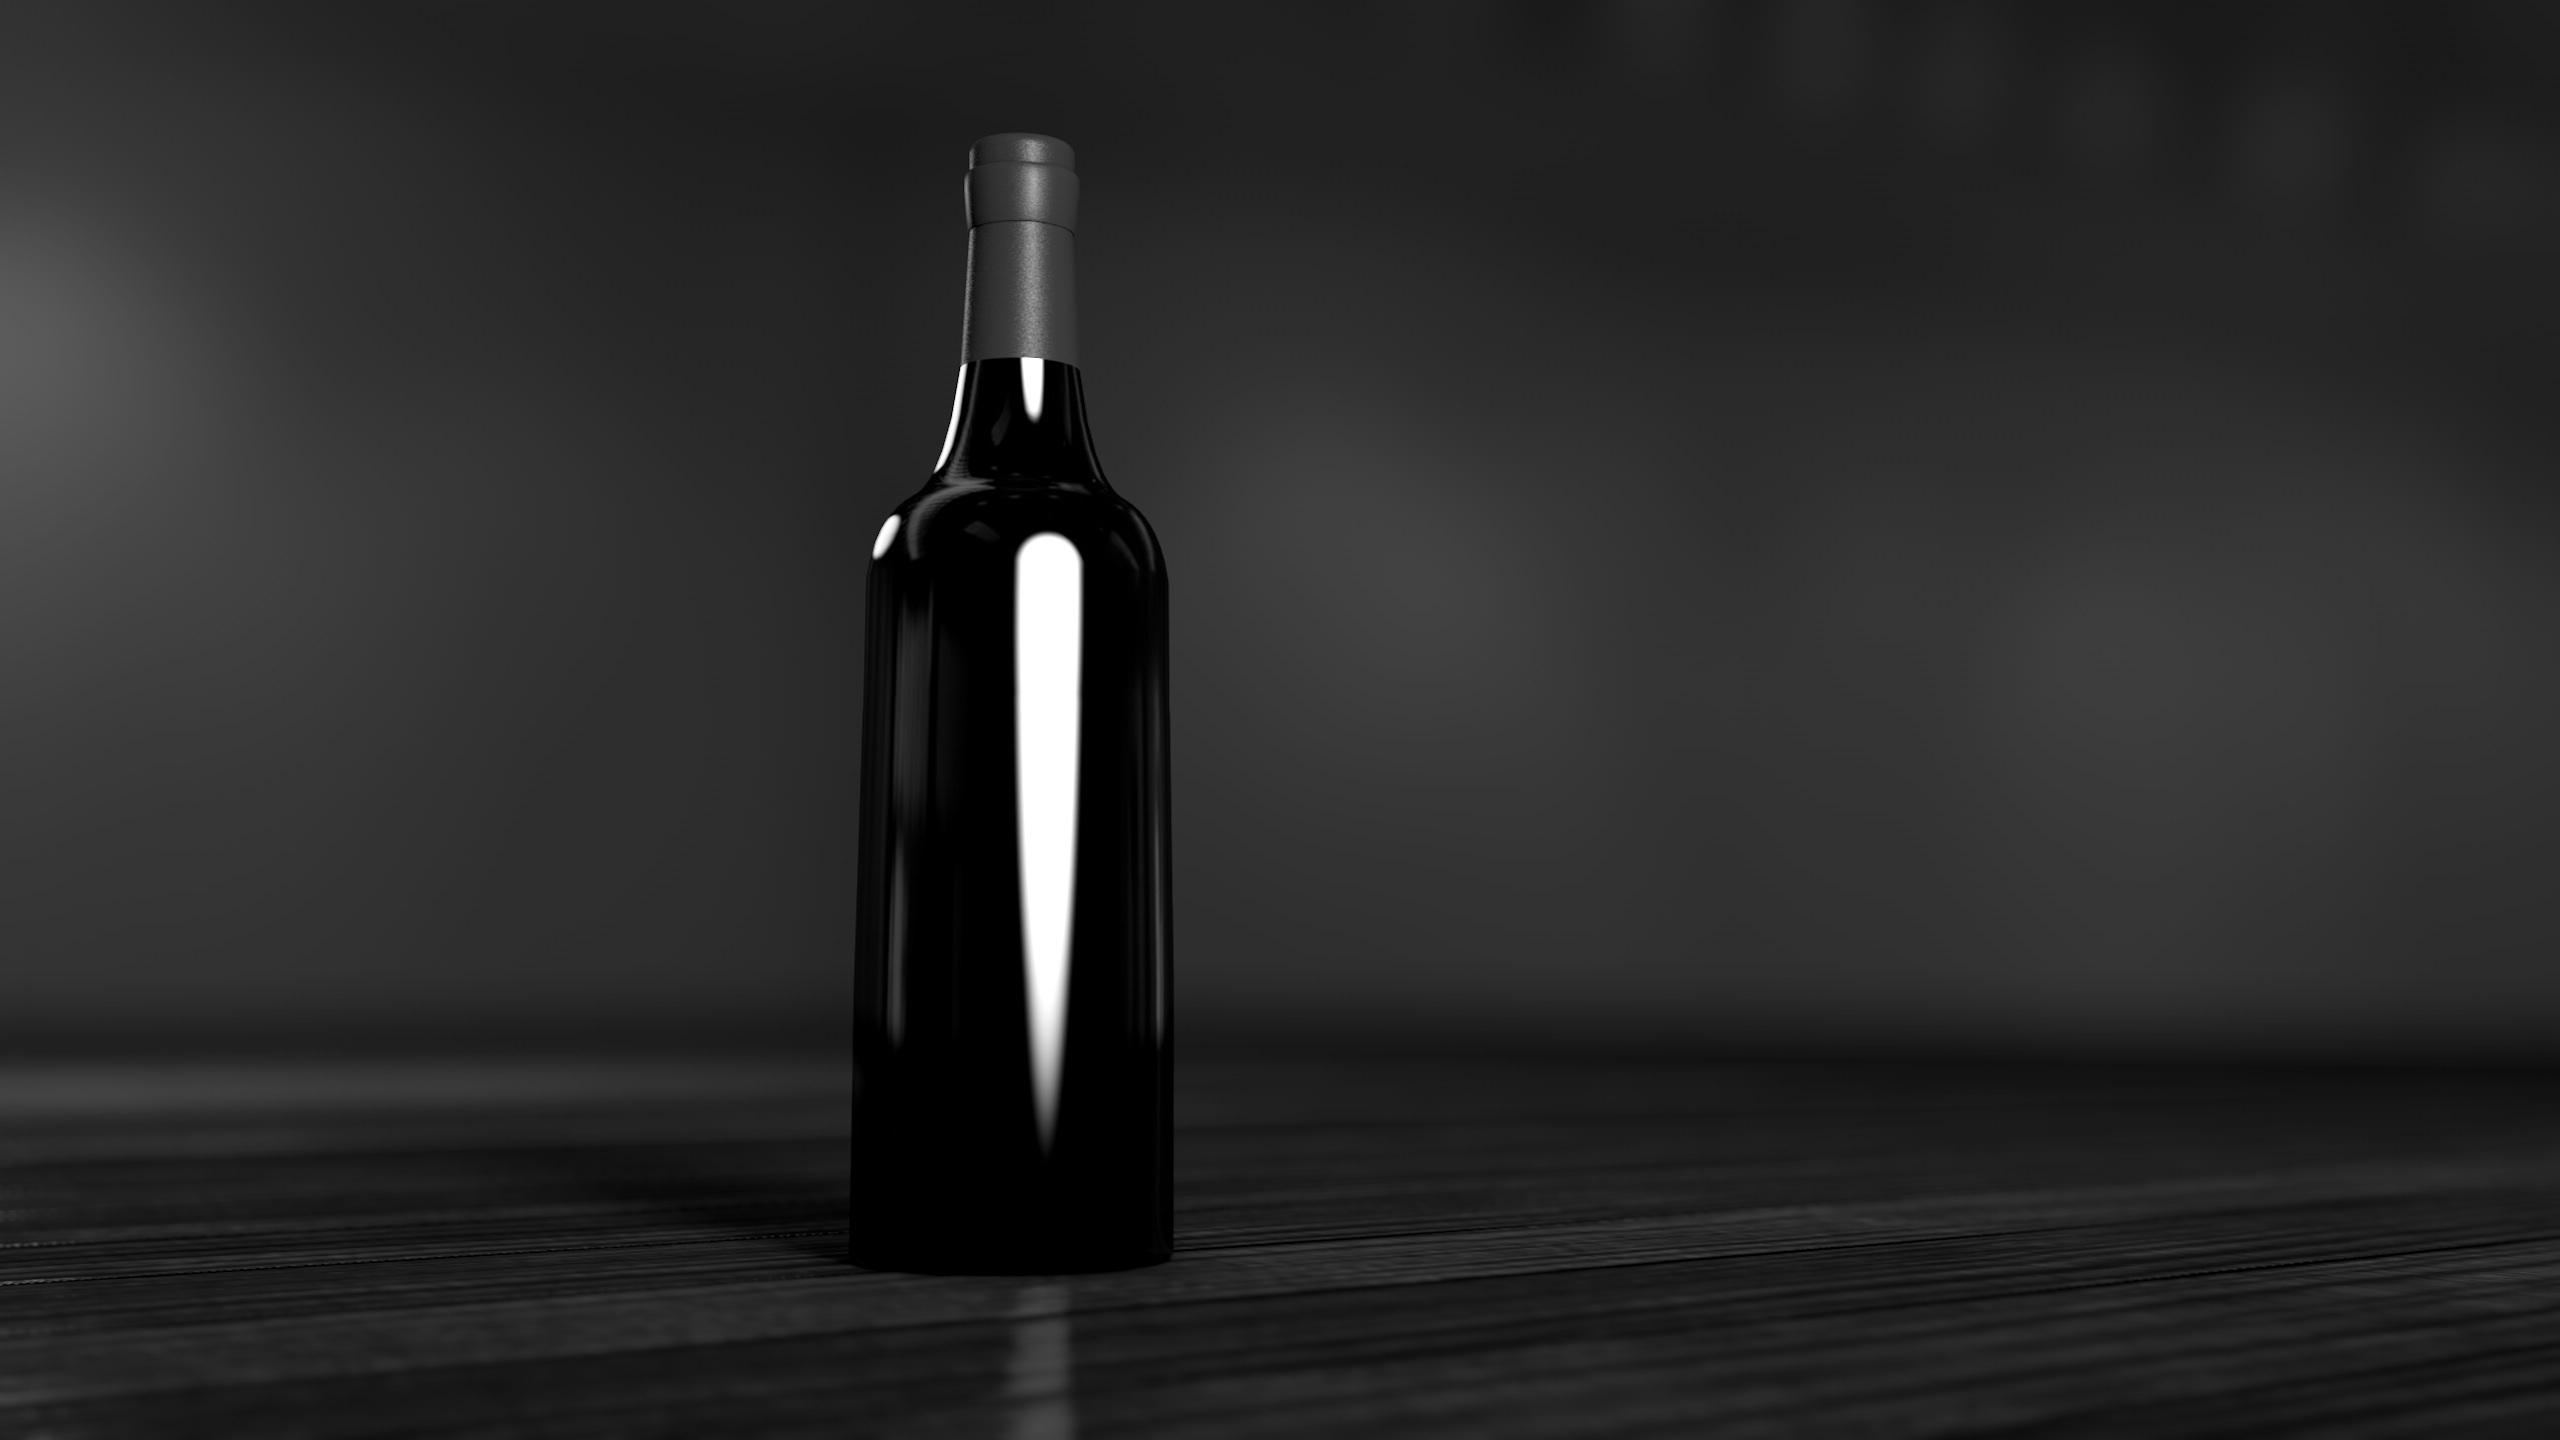 Красивые картинки в черно белом алкоголь